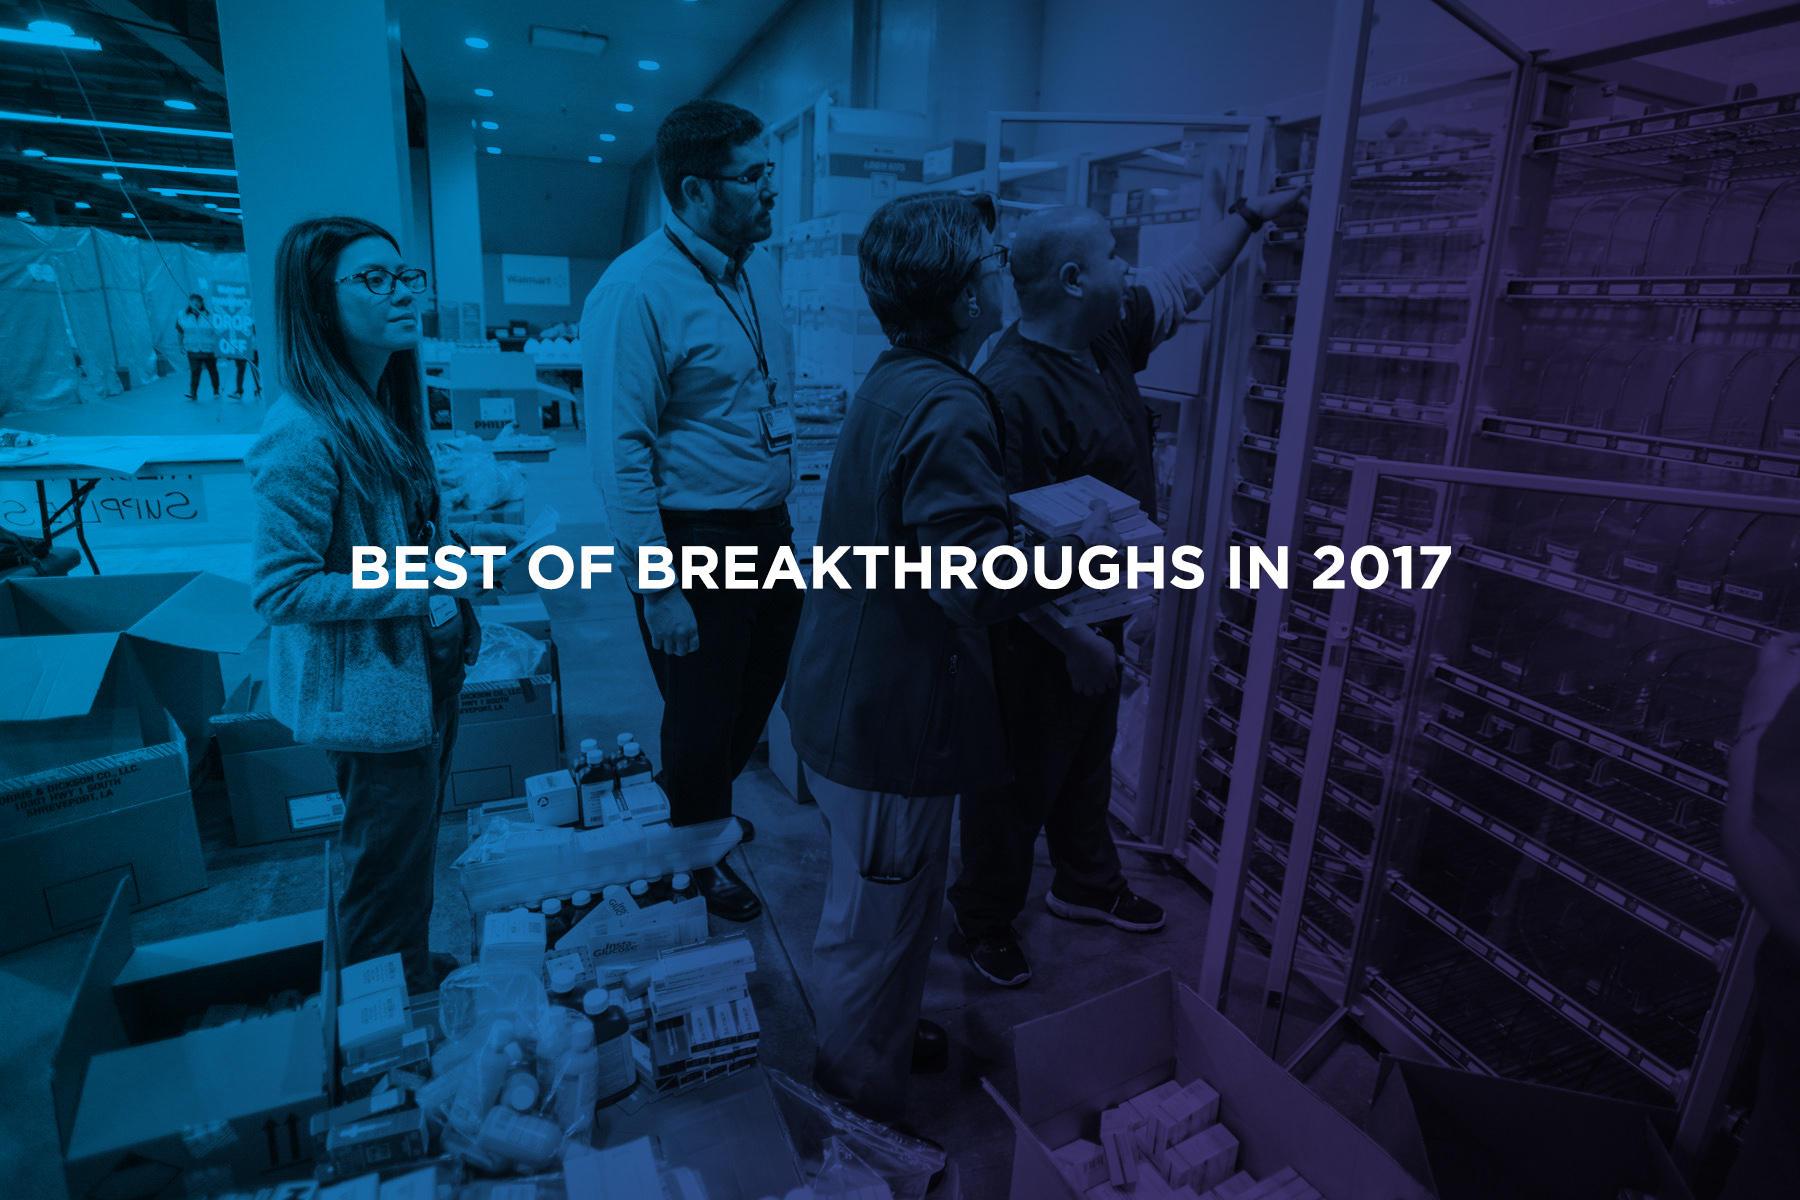 Breakthroughs in science 2100